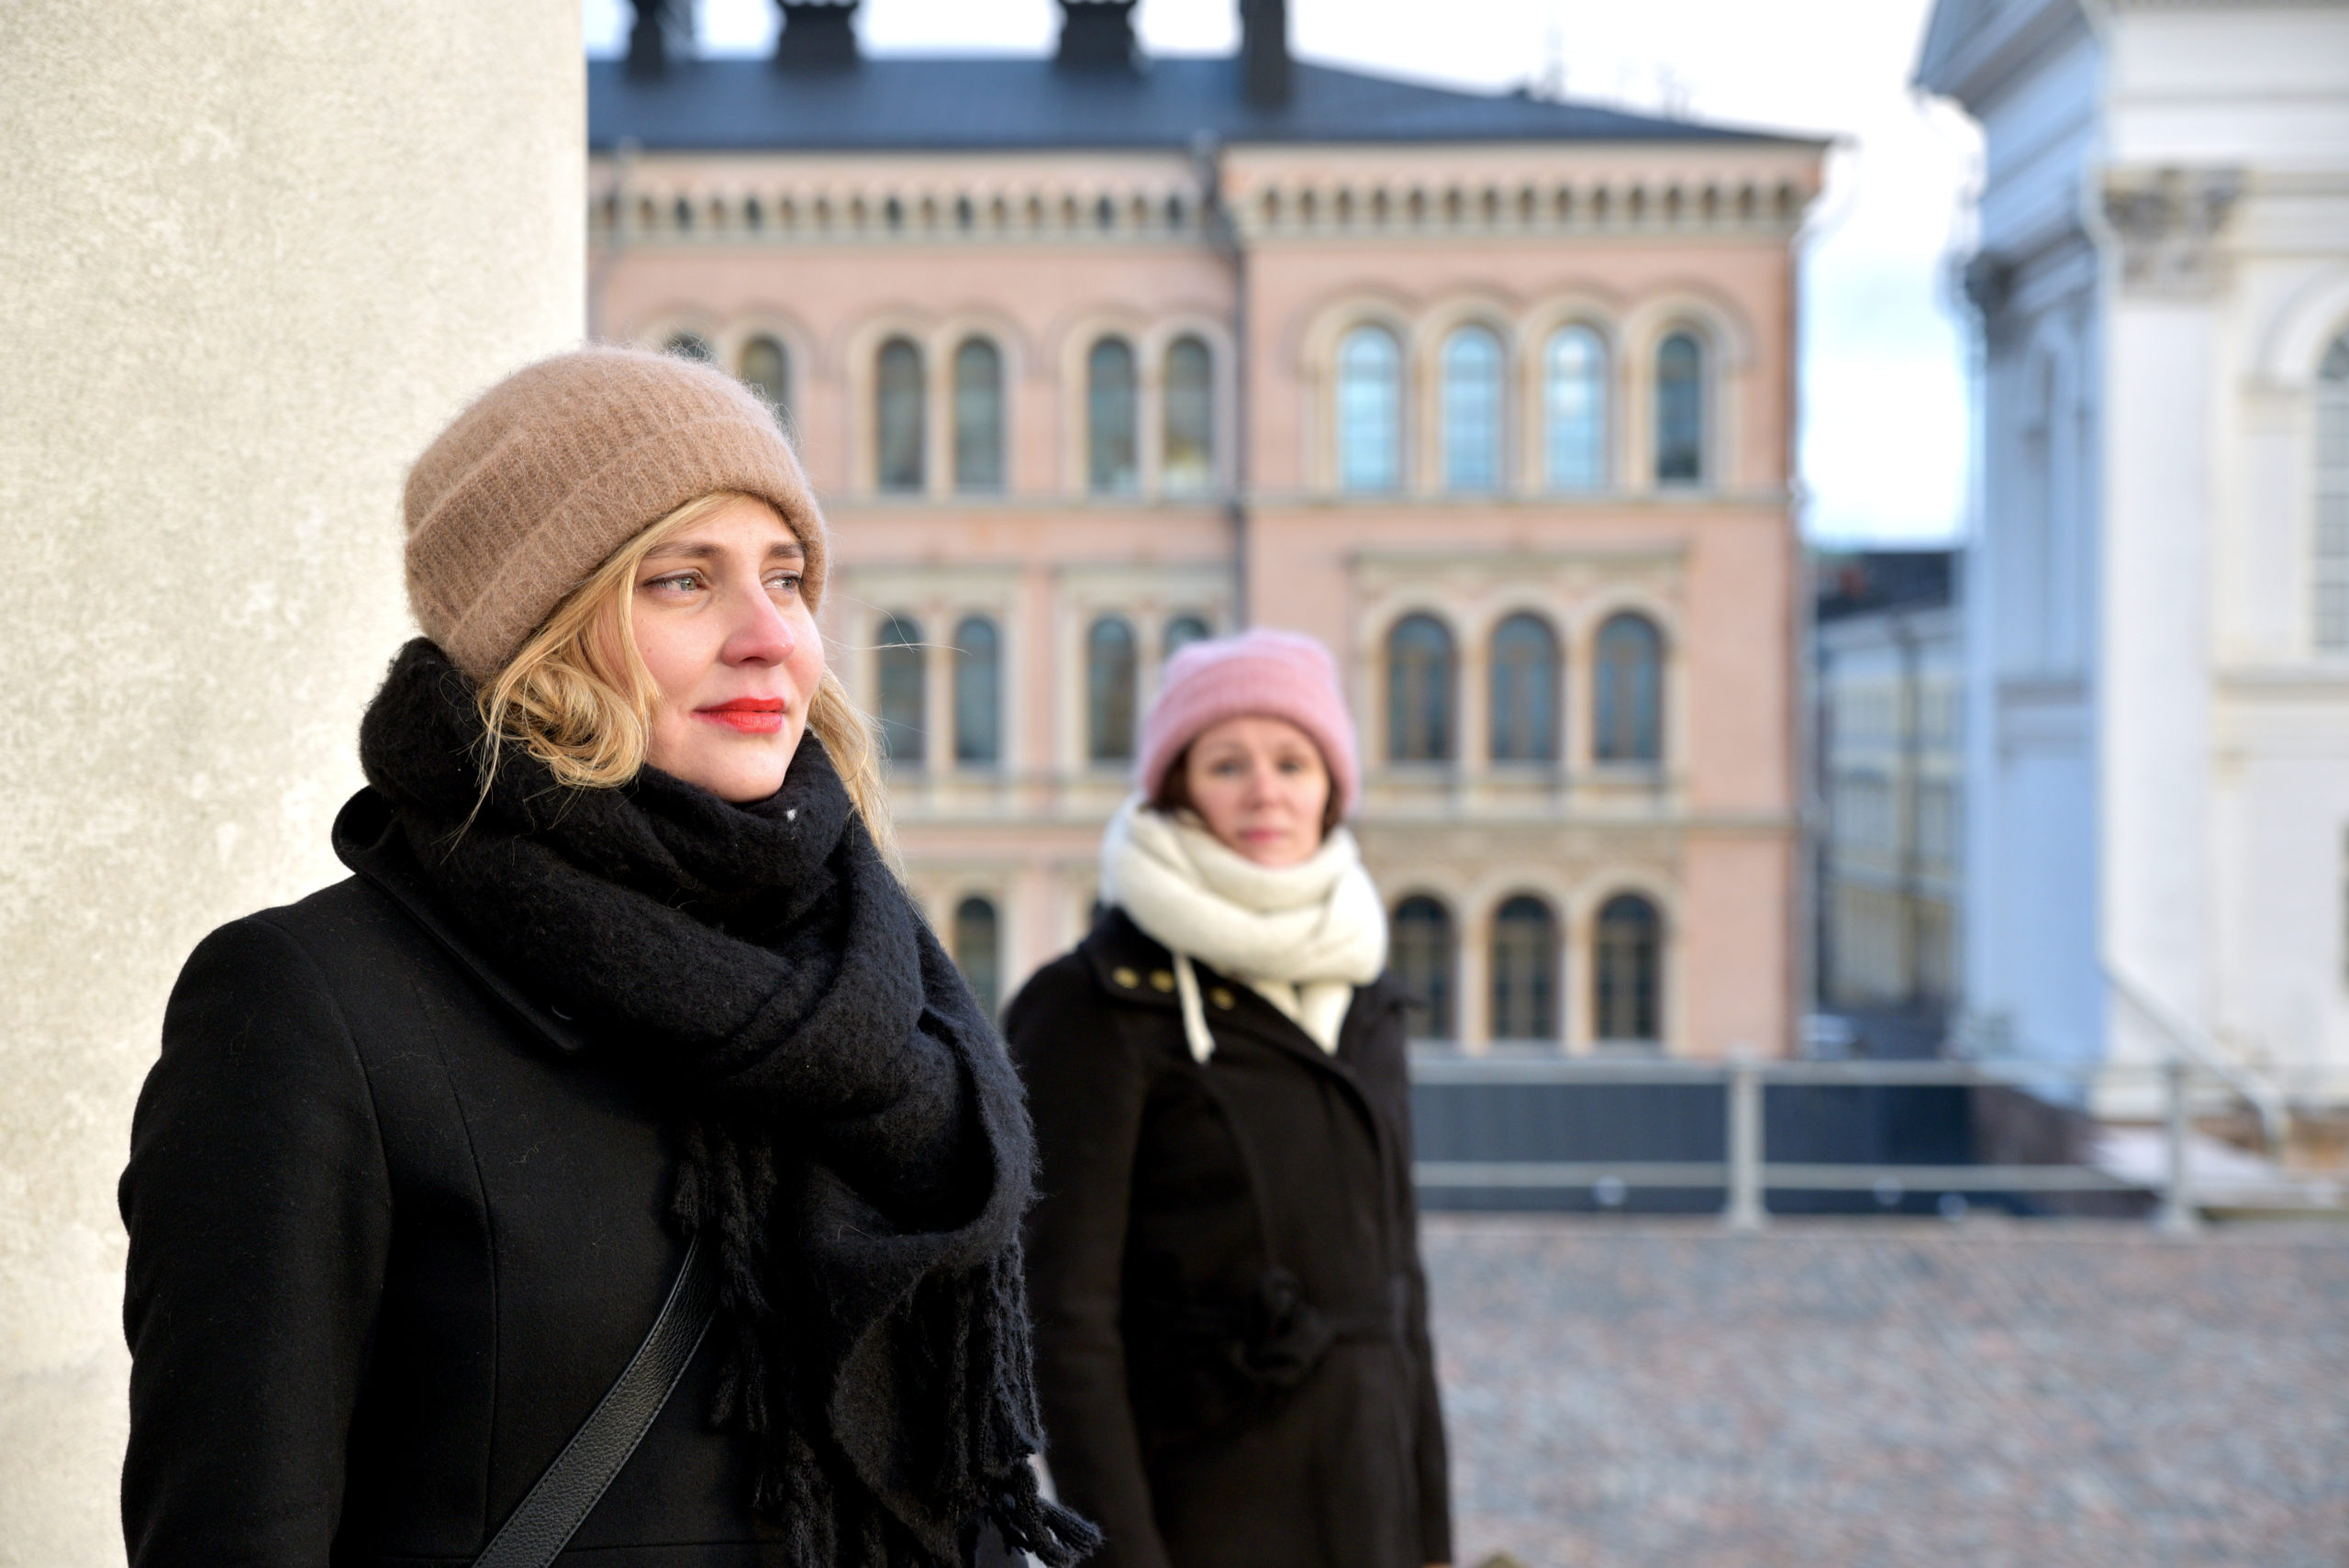 Kaksi naista katsoo kaukaisuuteen